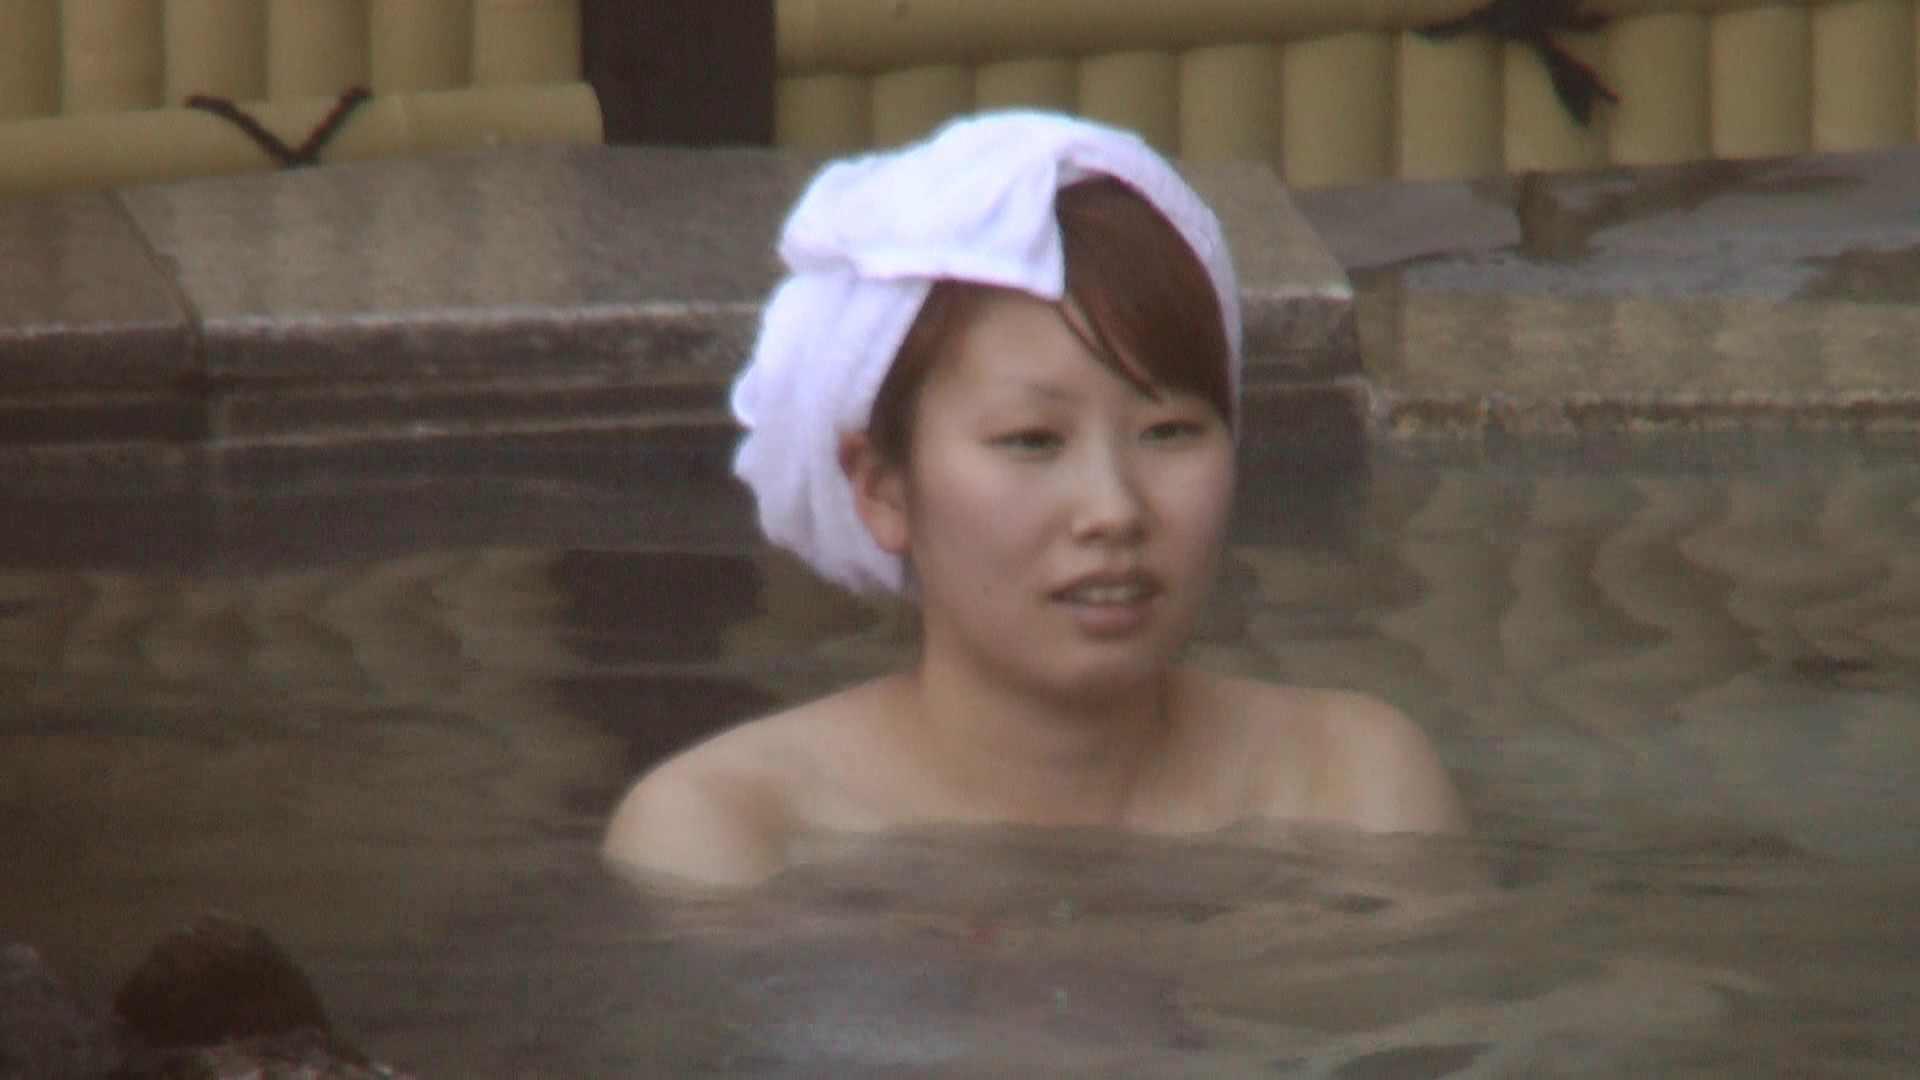 Aquaな露天風呂Vol.210 OLのエロ生活  83連発 45